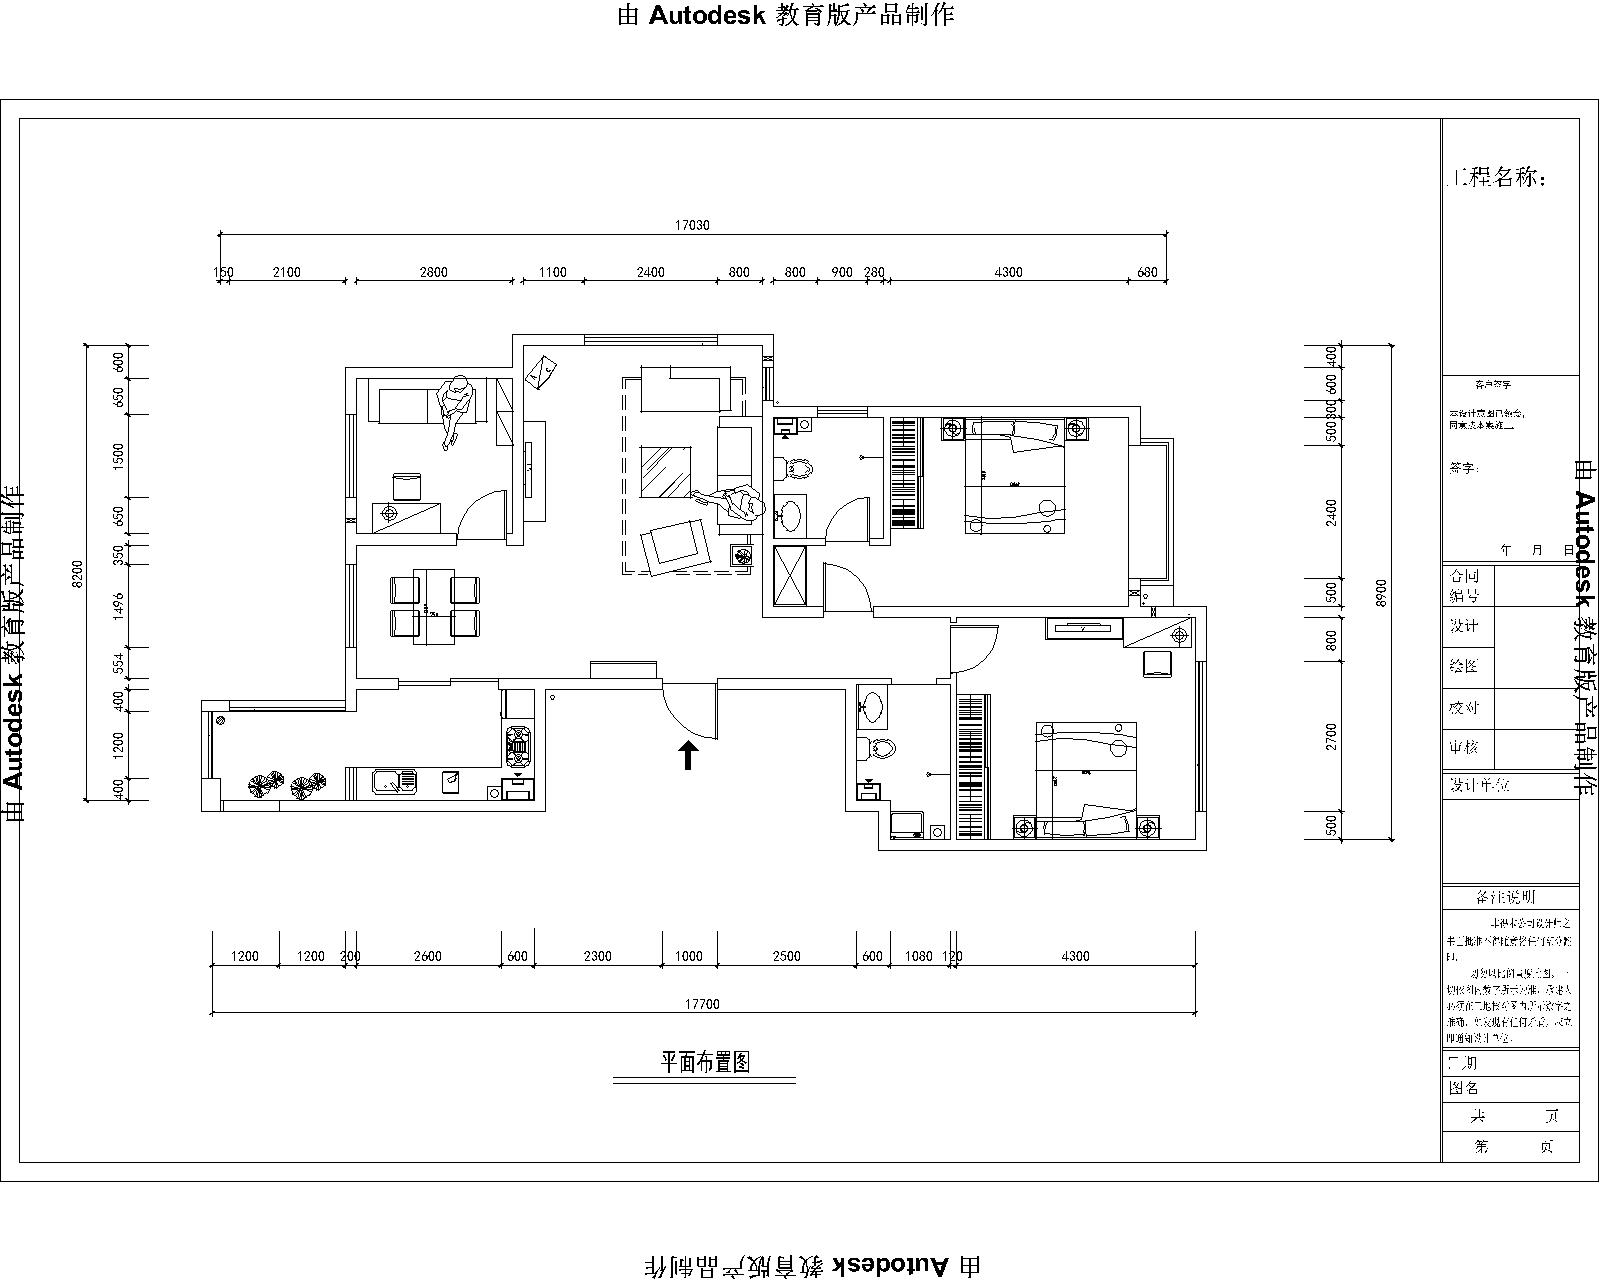 祥鹰花园 138㎡ 简欧风格装修设计理念